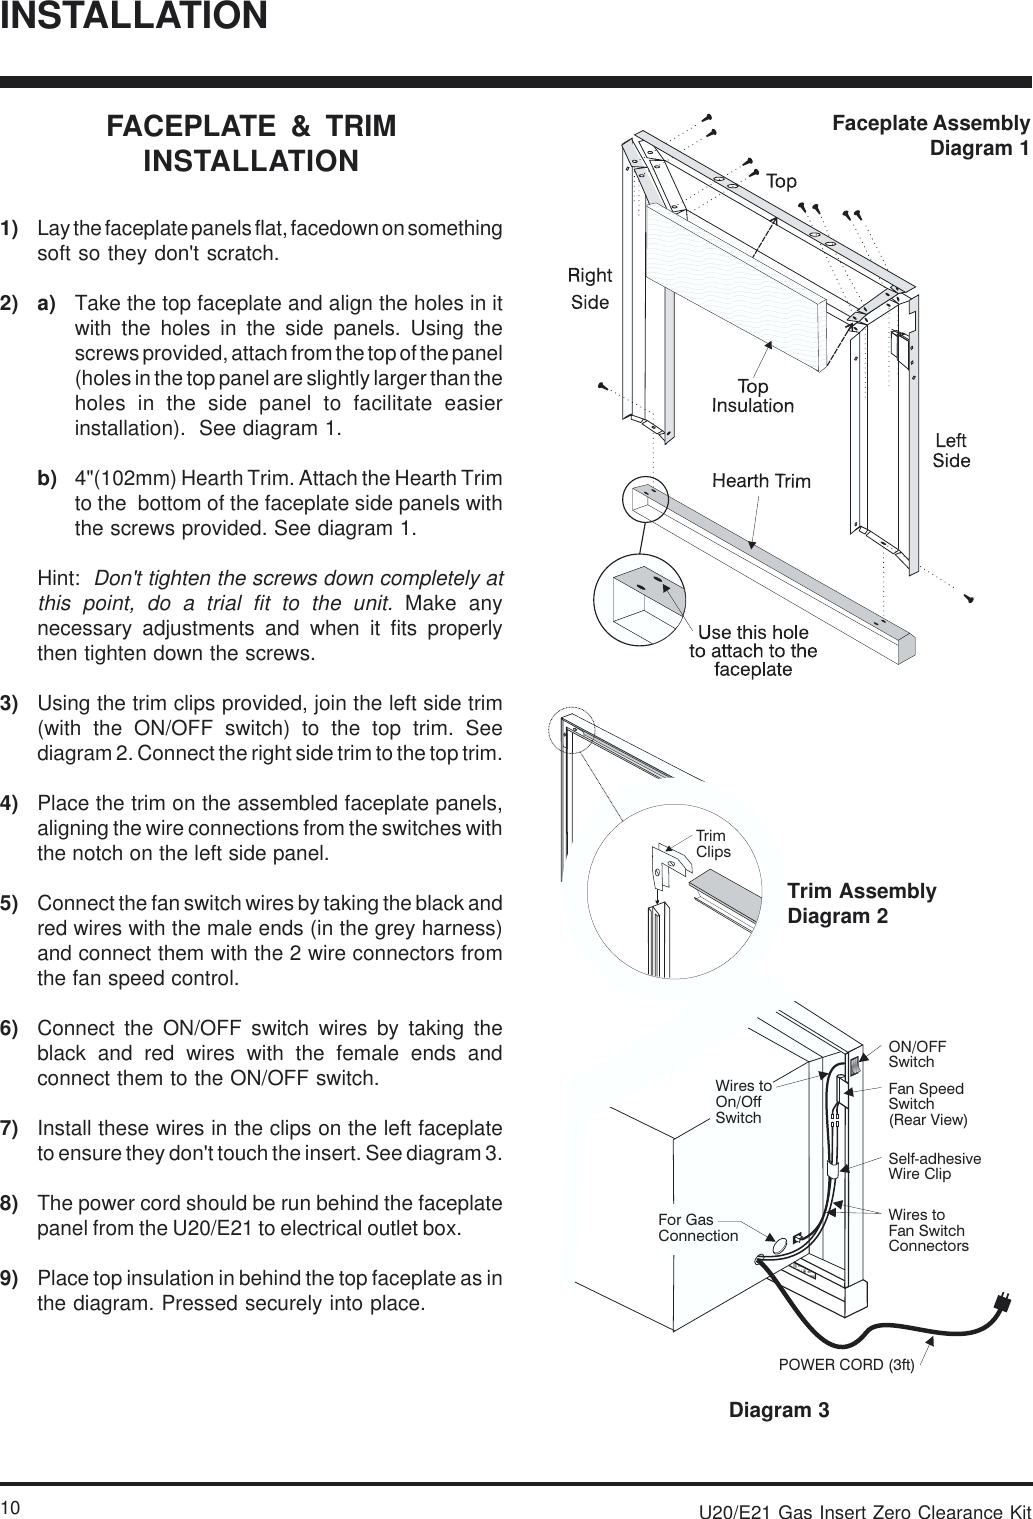 Regency E21 Users Manual 908 037pmd 1 8t Fan Switch Wiring Diagram Page 10 Of 12